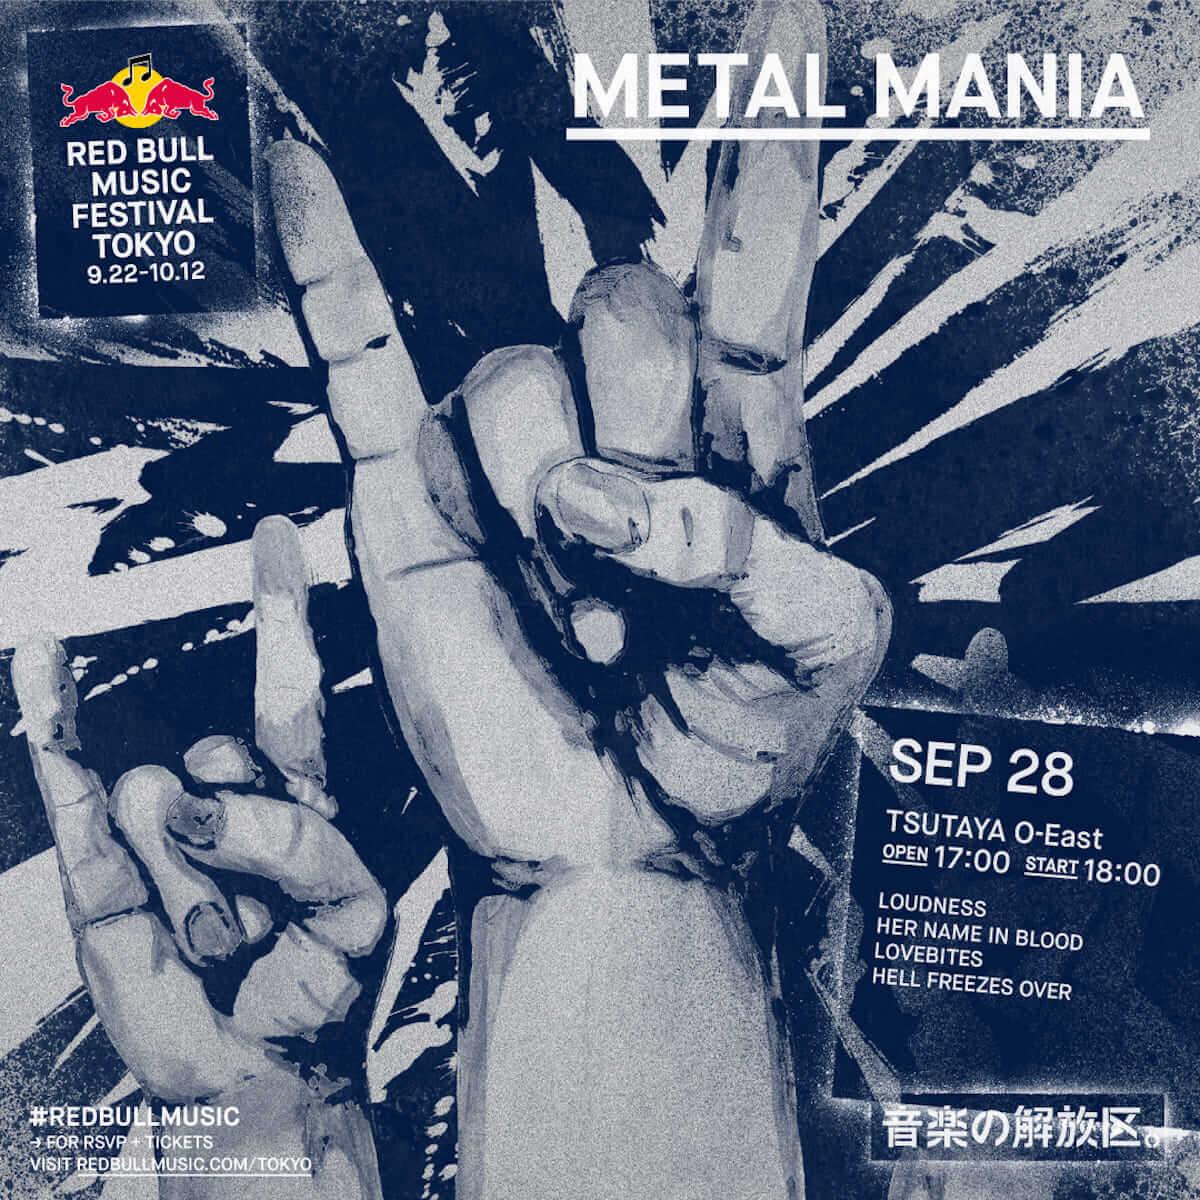 9月から1ヶ月に渡り「RED BULL MUSIC FESTIVAL TOKYO 2018」が開催|山手線の車内が走るライブハウスに? music180806-redbullmusicfestival-6-1200x1200